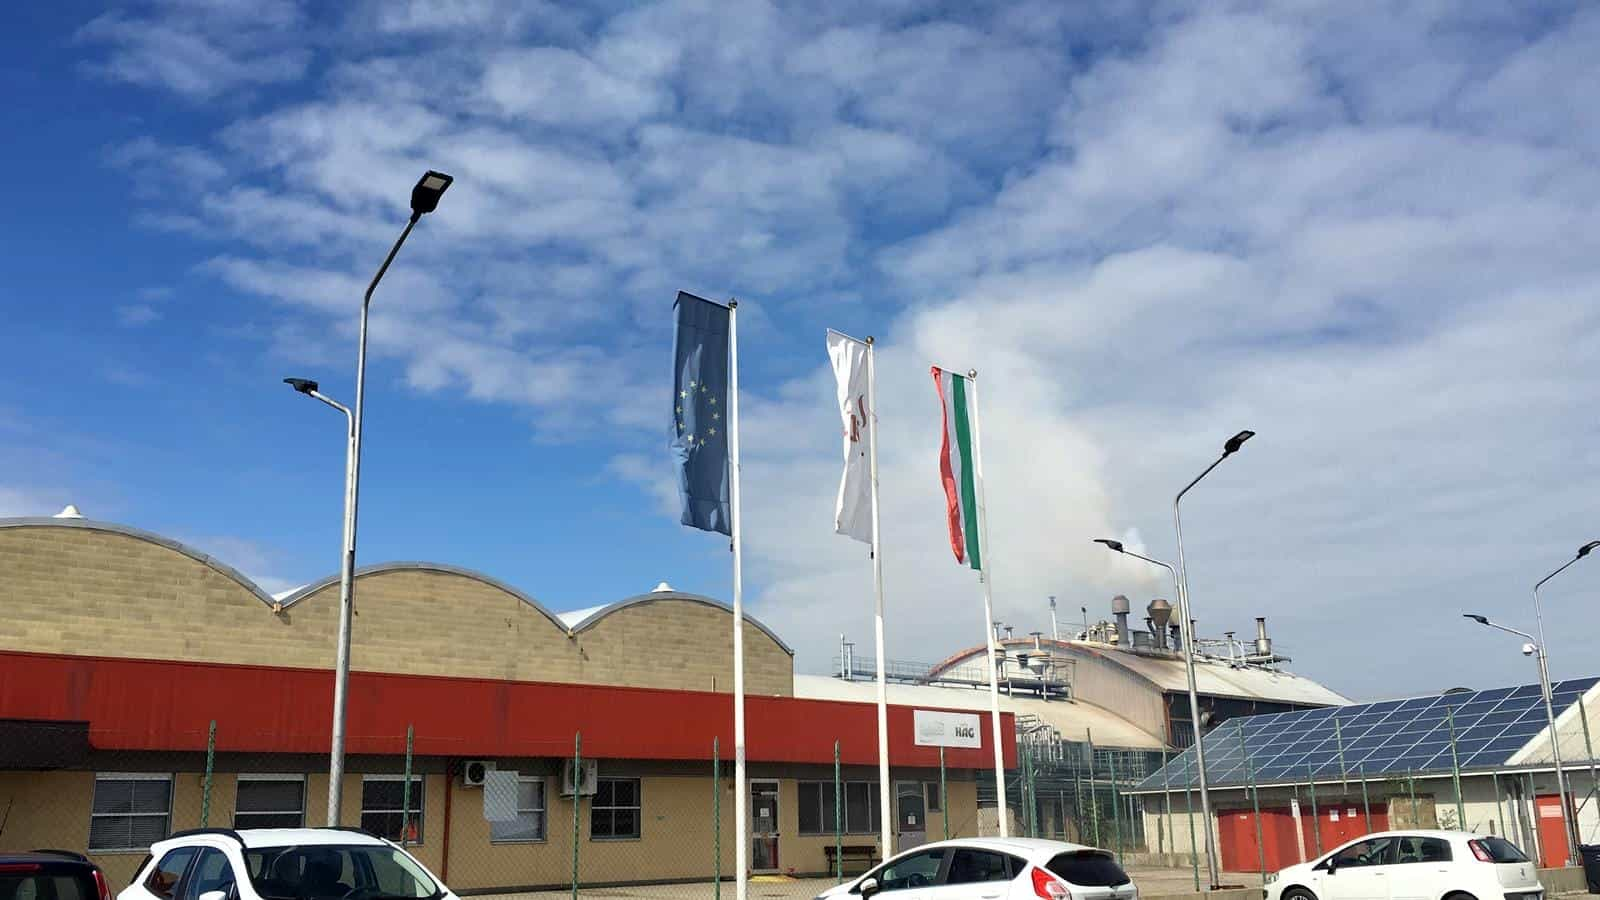 Hag e Splendid abbandonano l'Italia, 57 licenziamenti